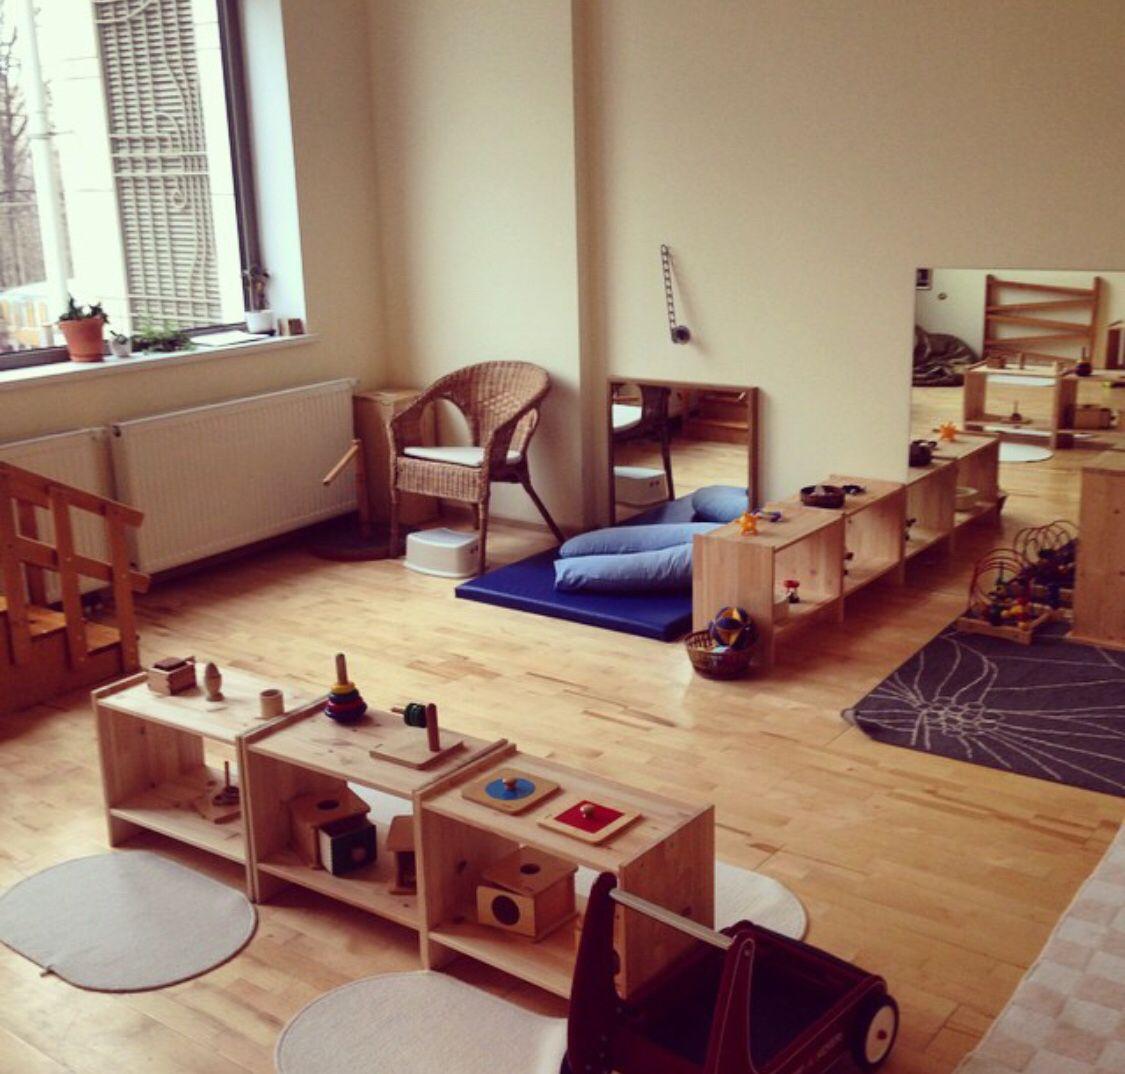 Montessori School Of Russia Montessori Toddler Classroom